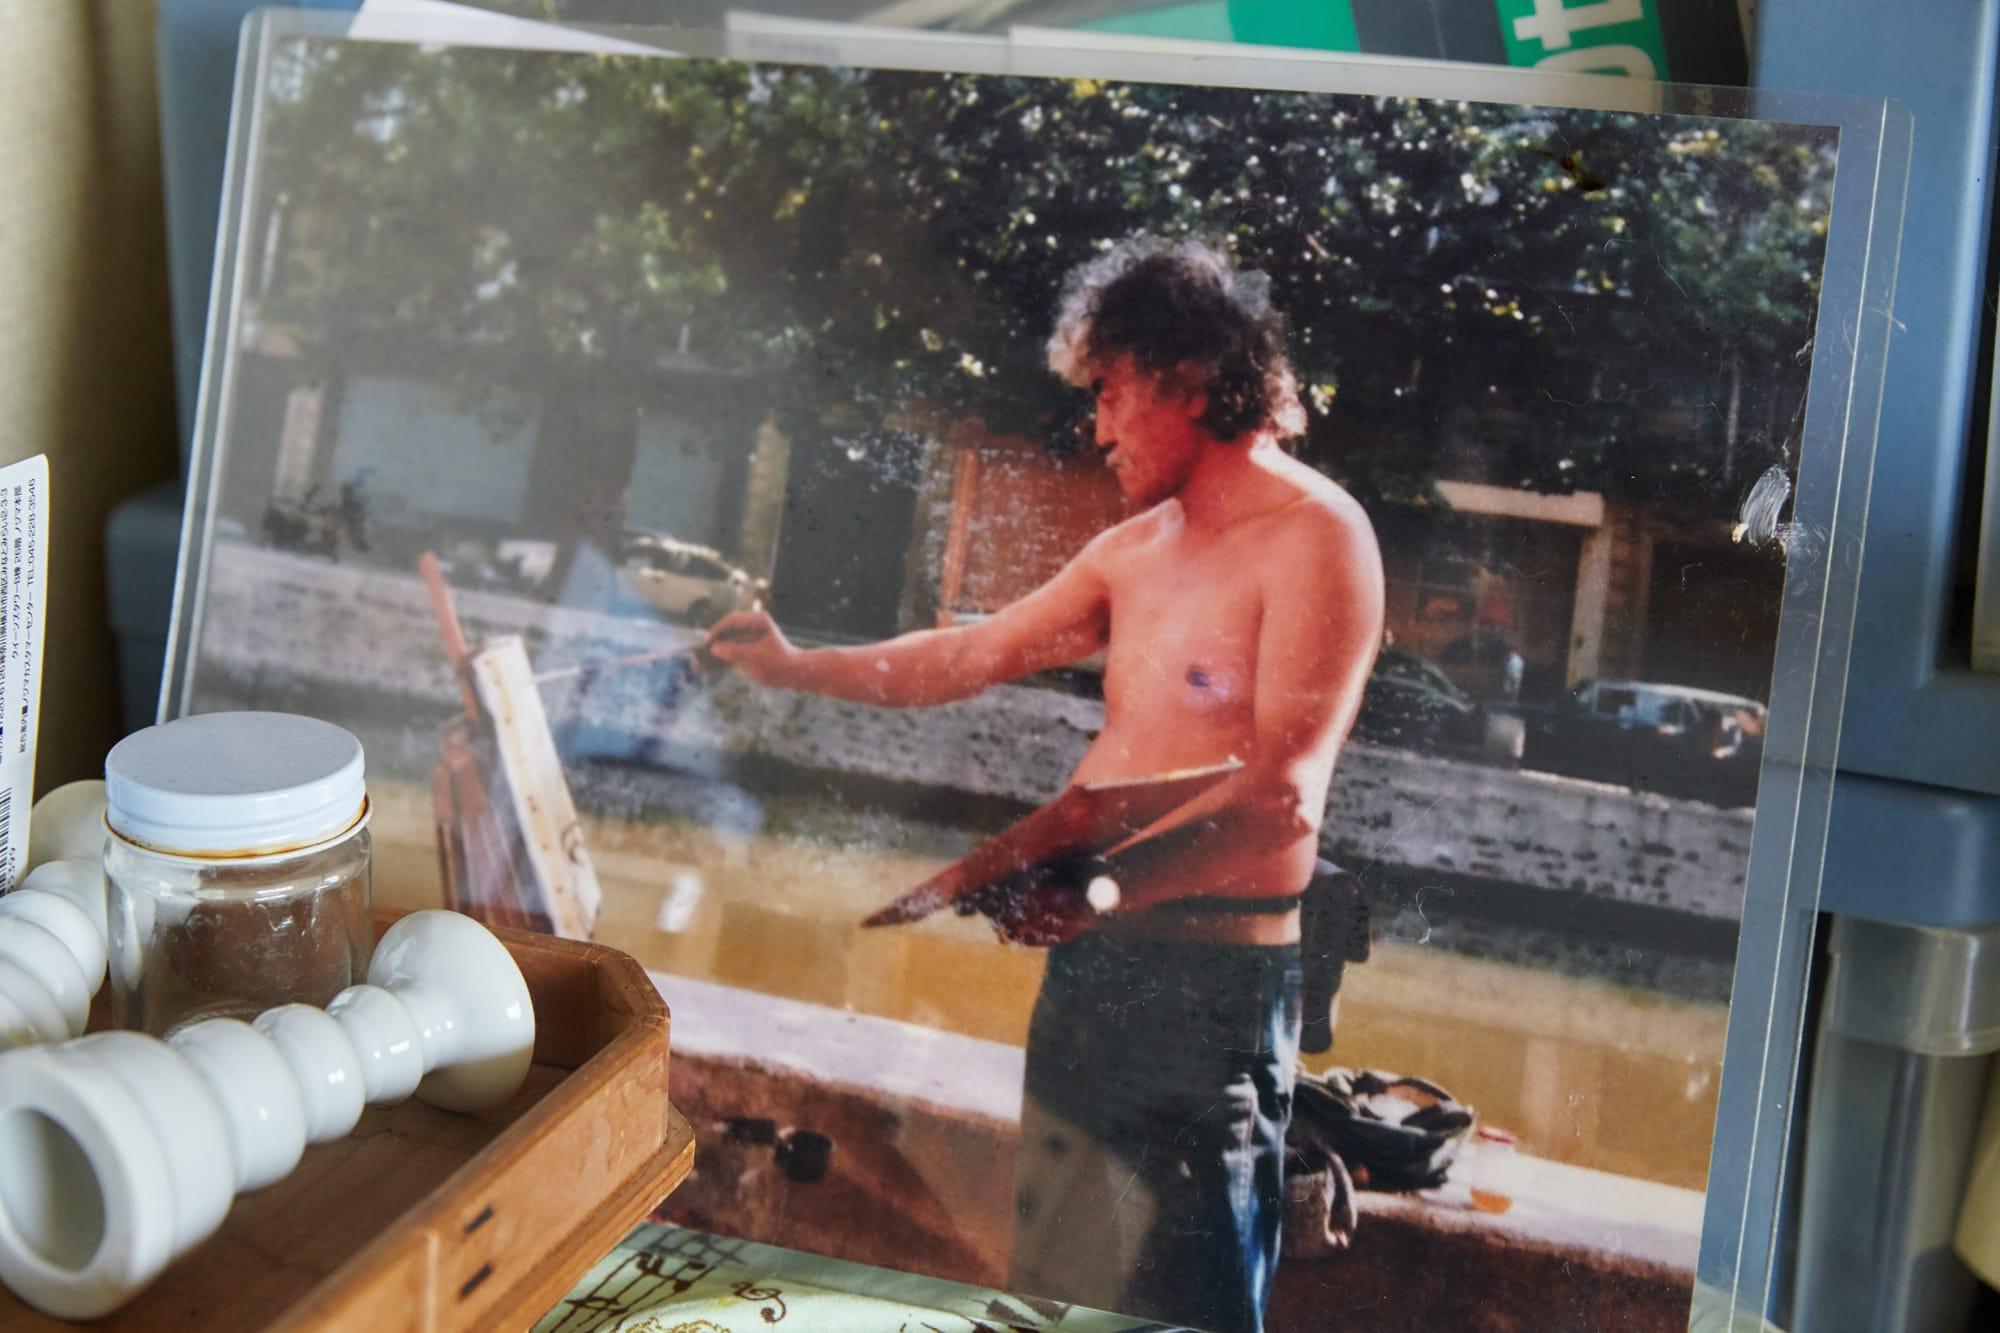 画家になりたい一心で、フランスへ旅立った頃の山川さん。